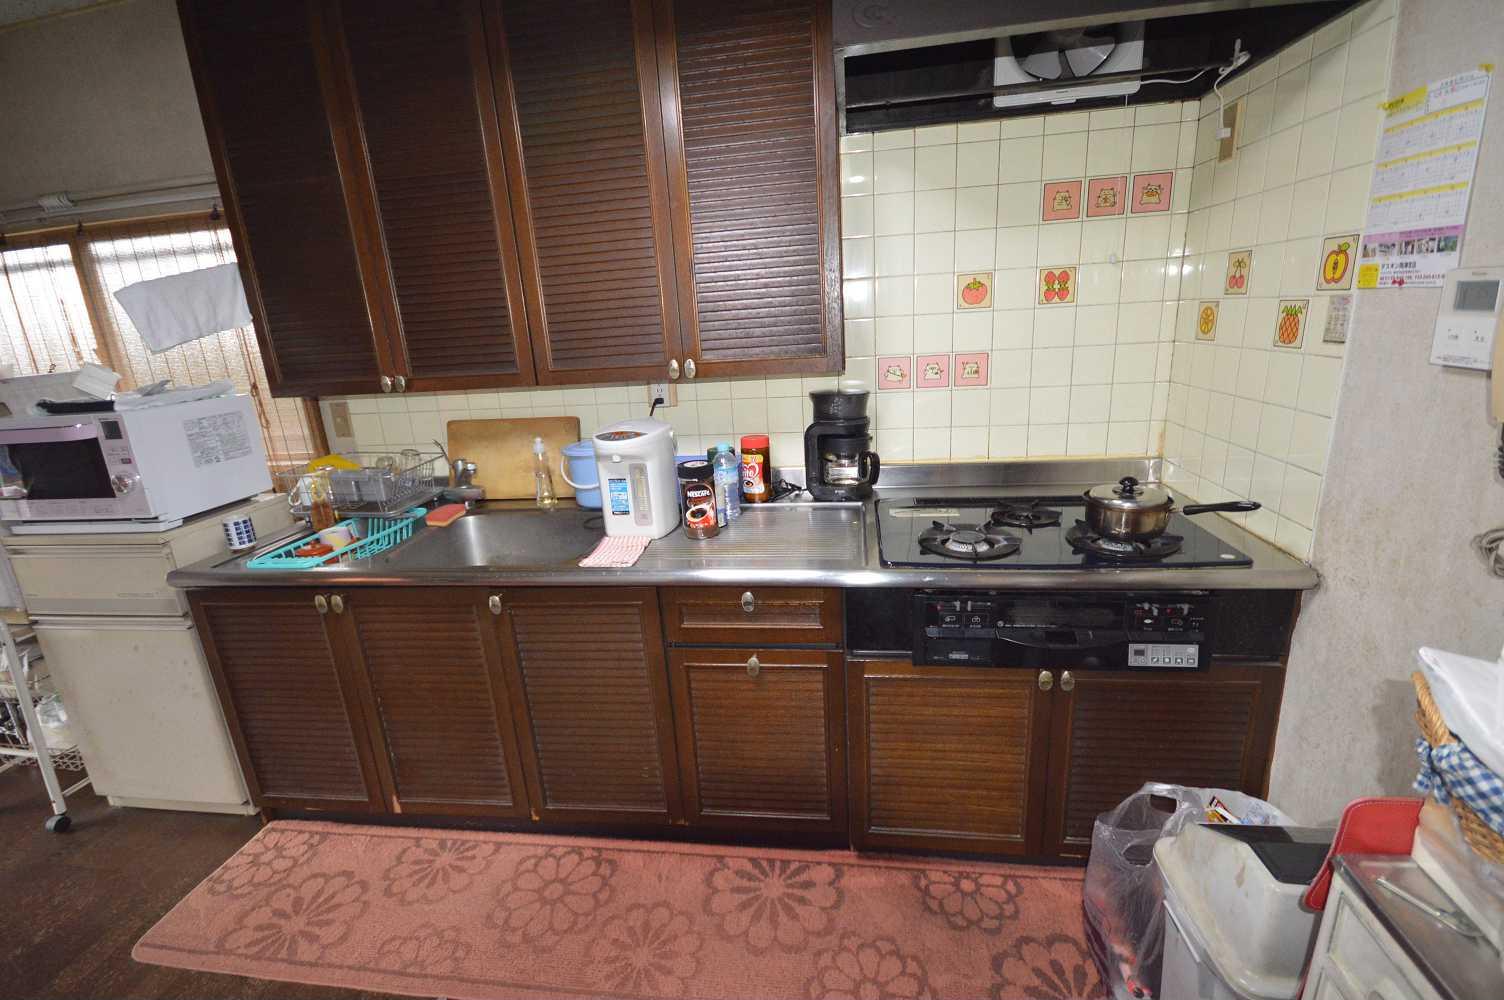 before:カウンター高さが合わず、無駄にシンクが大きく使い勝手に不満のあったキッチン